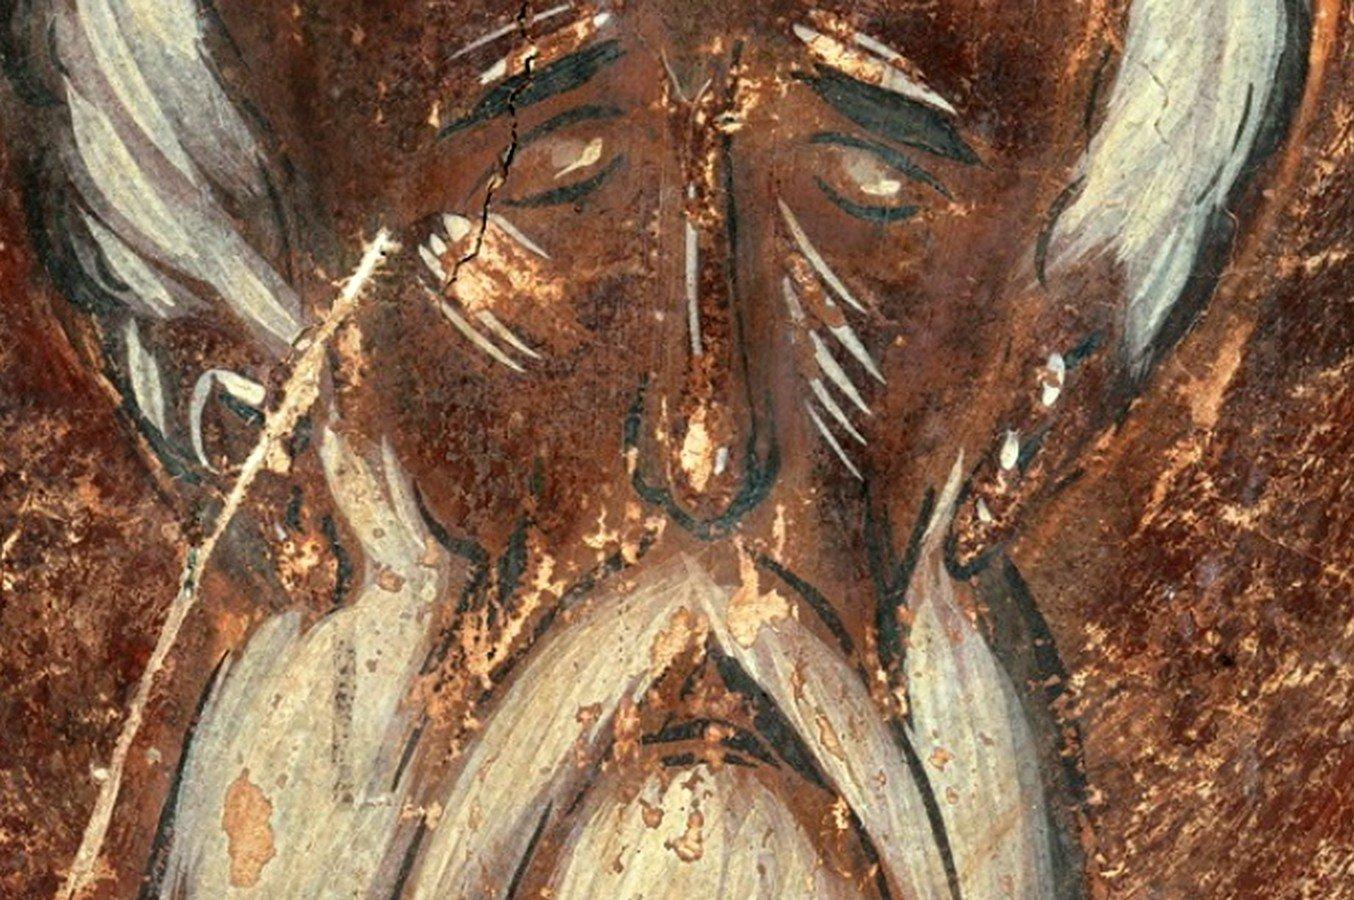 Святой Преподобный Симеон Столпник Дивногорец. Фреска Феофана Грека в церкви Спаса Преображения на Ильине улице в Великом Новгороде. 1378 год.